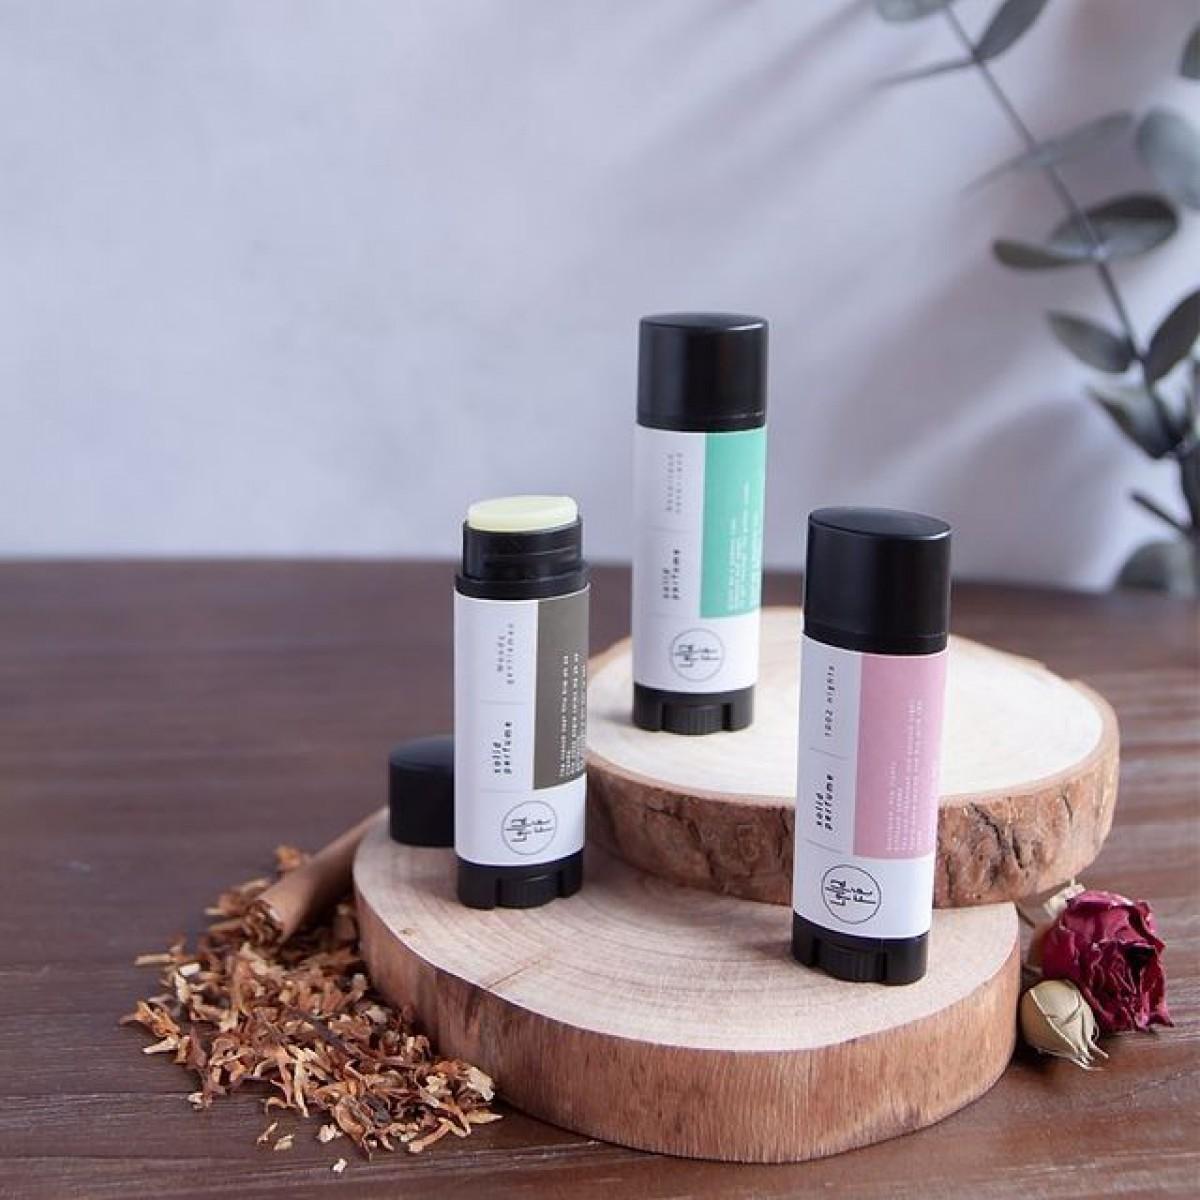 スティック香水で接近戦を制する香りを仕込もう♡おすすめパフュームスティック8選